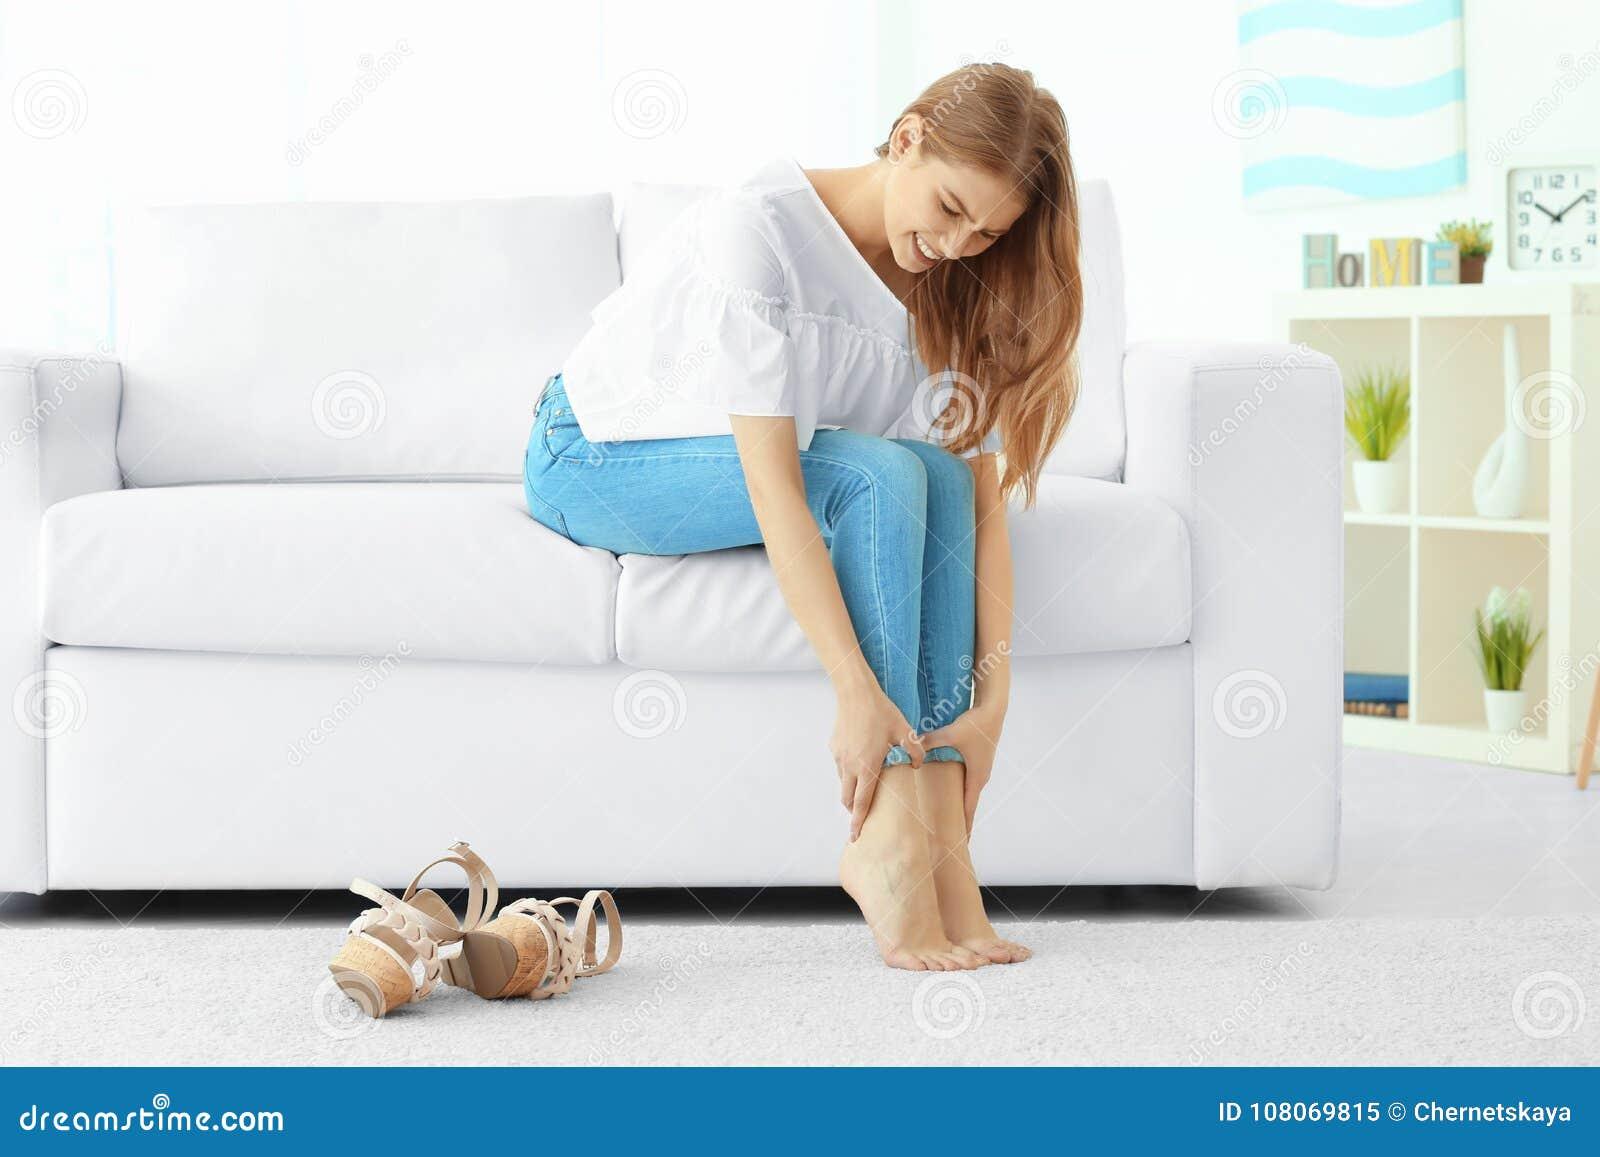 Dominar el camino de Aliviar dolor de rodilla no es un accidente es un arte